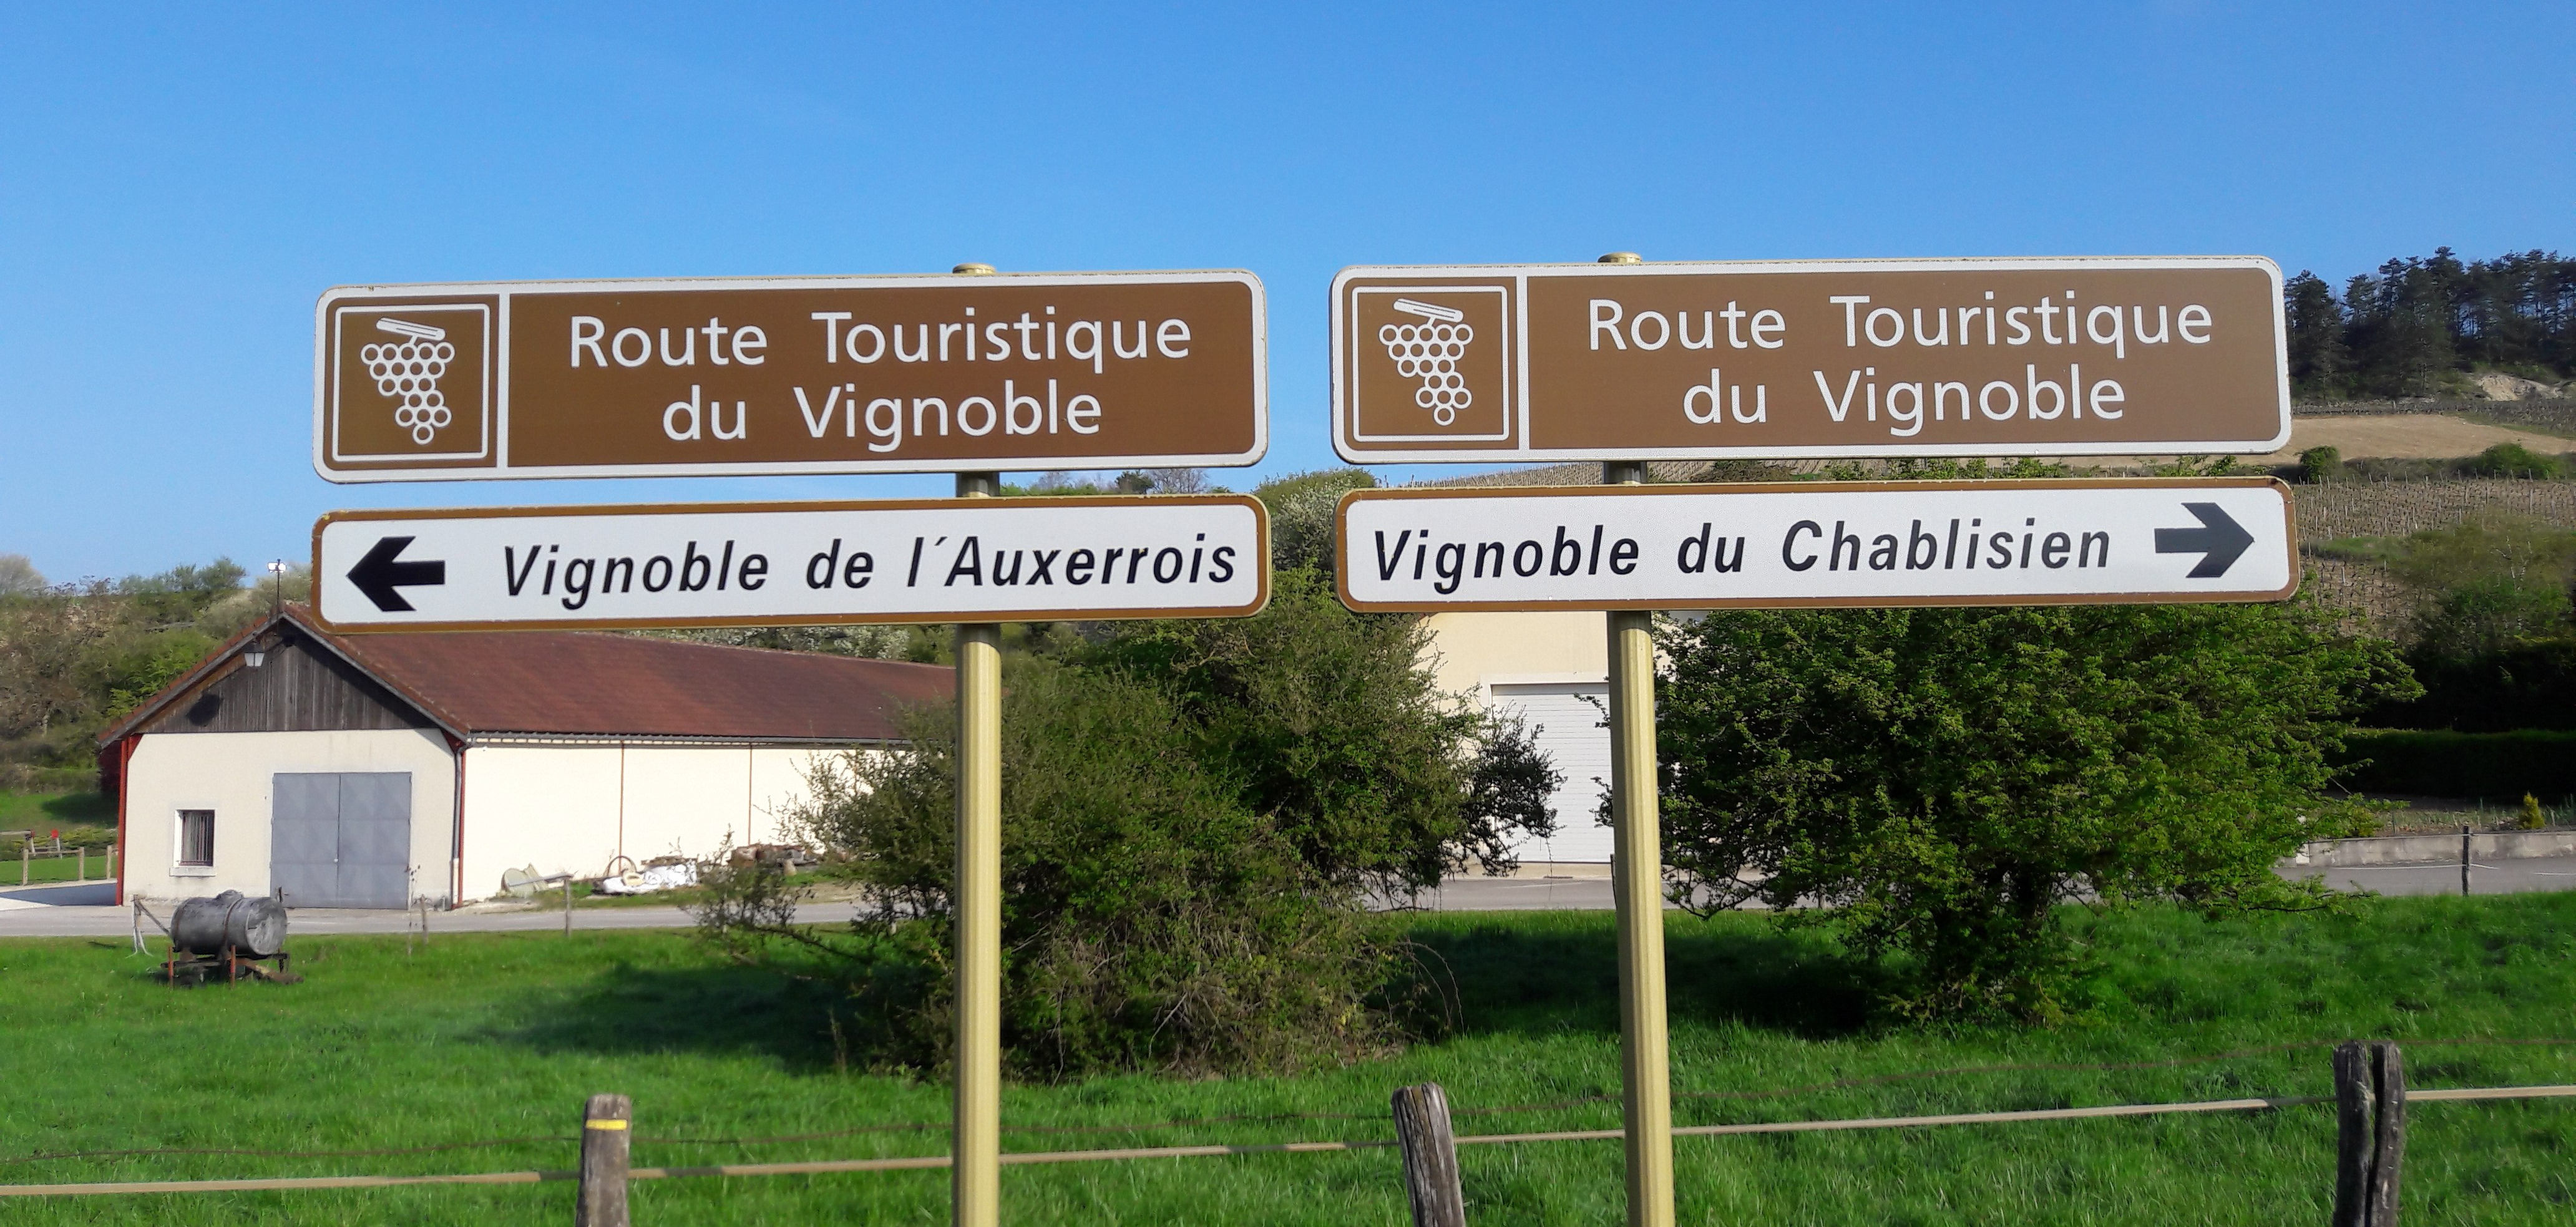 Kiezen geblazen in Chitry (Wijn uit Bourgogne)